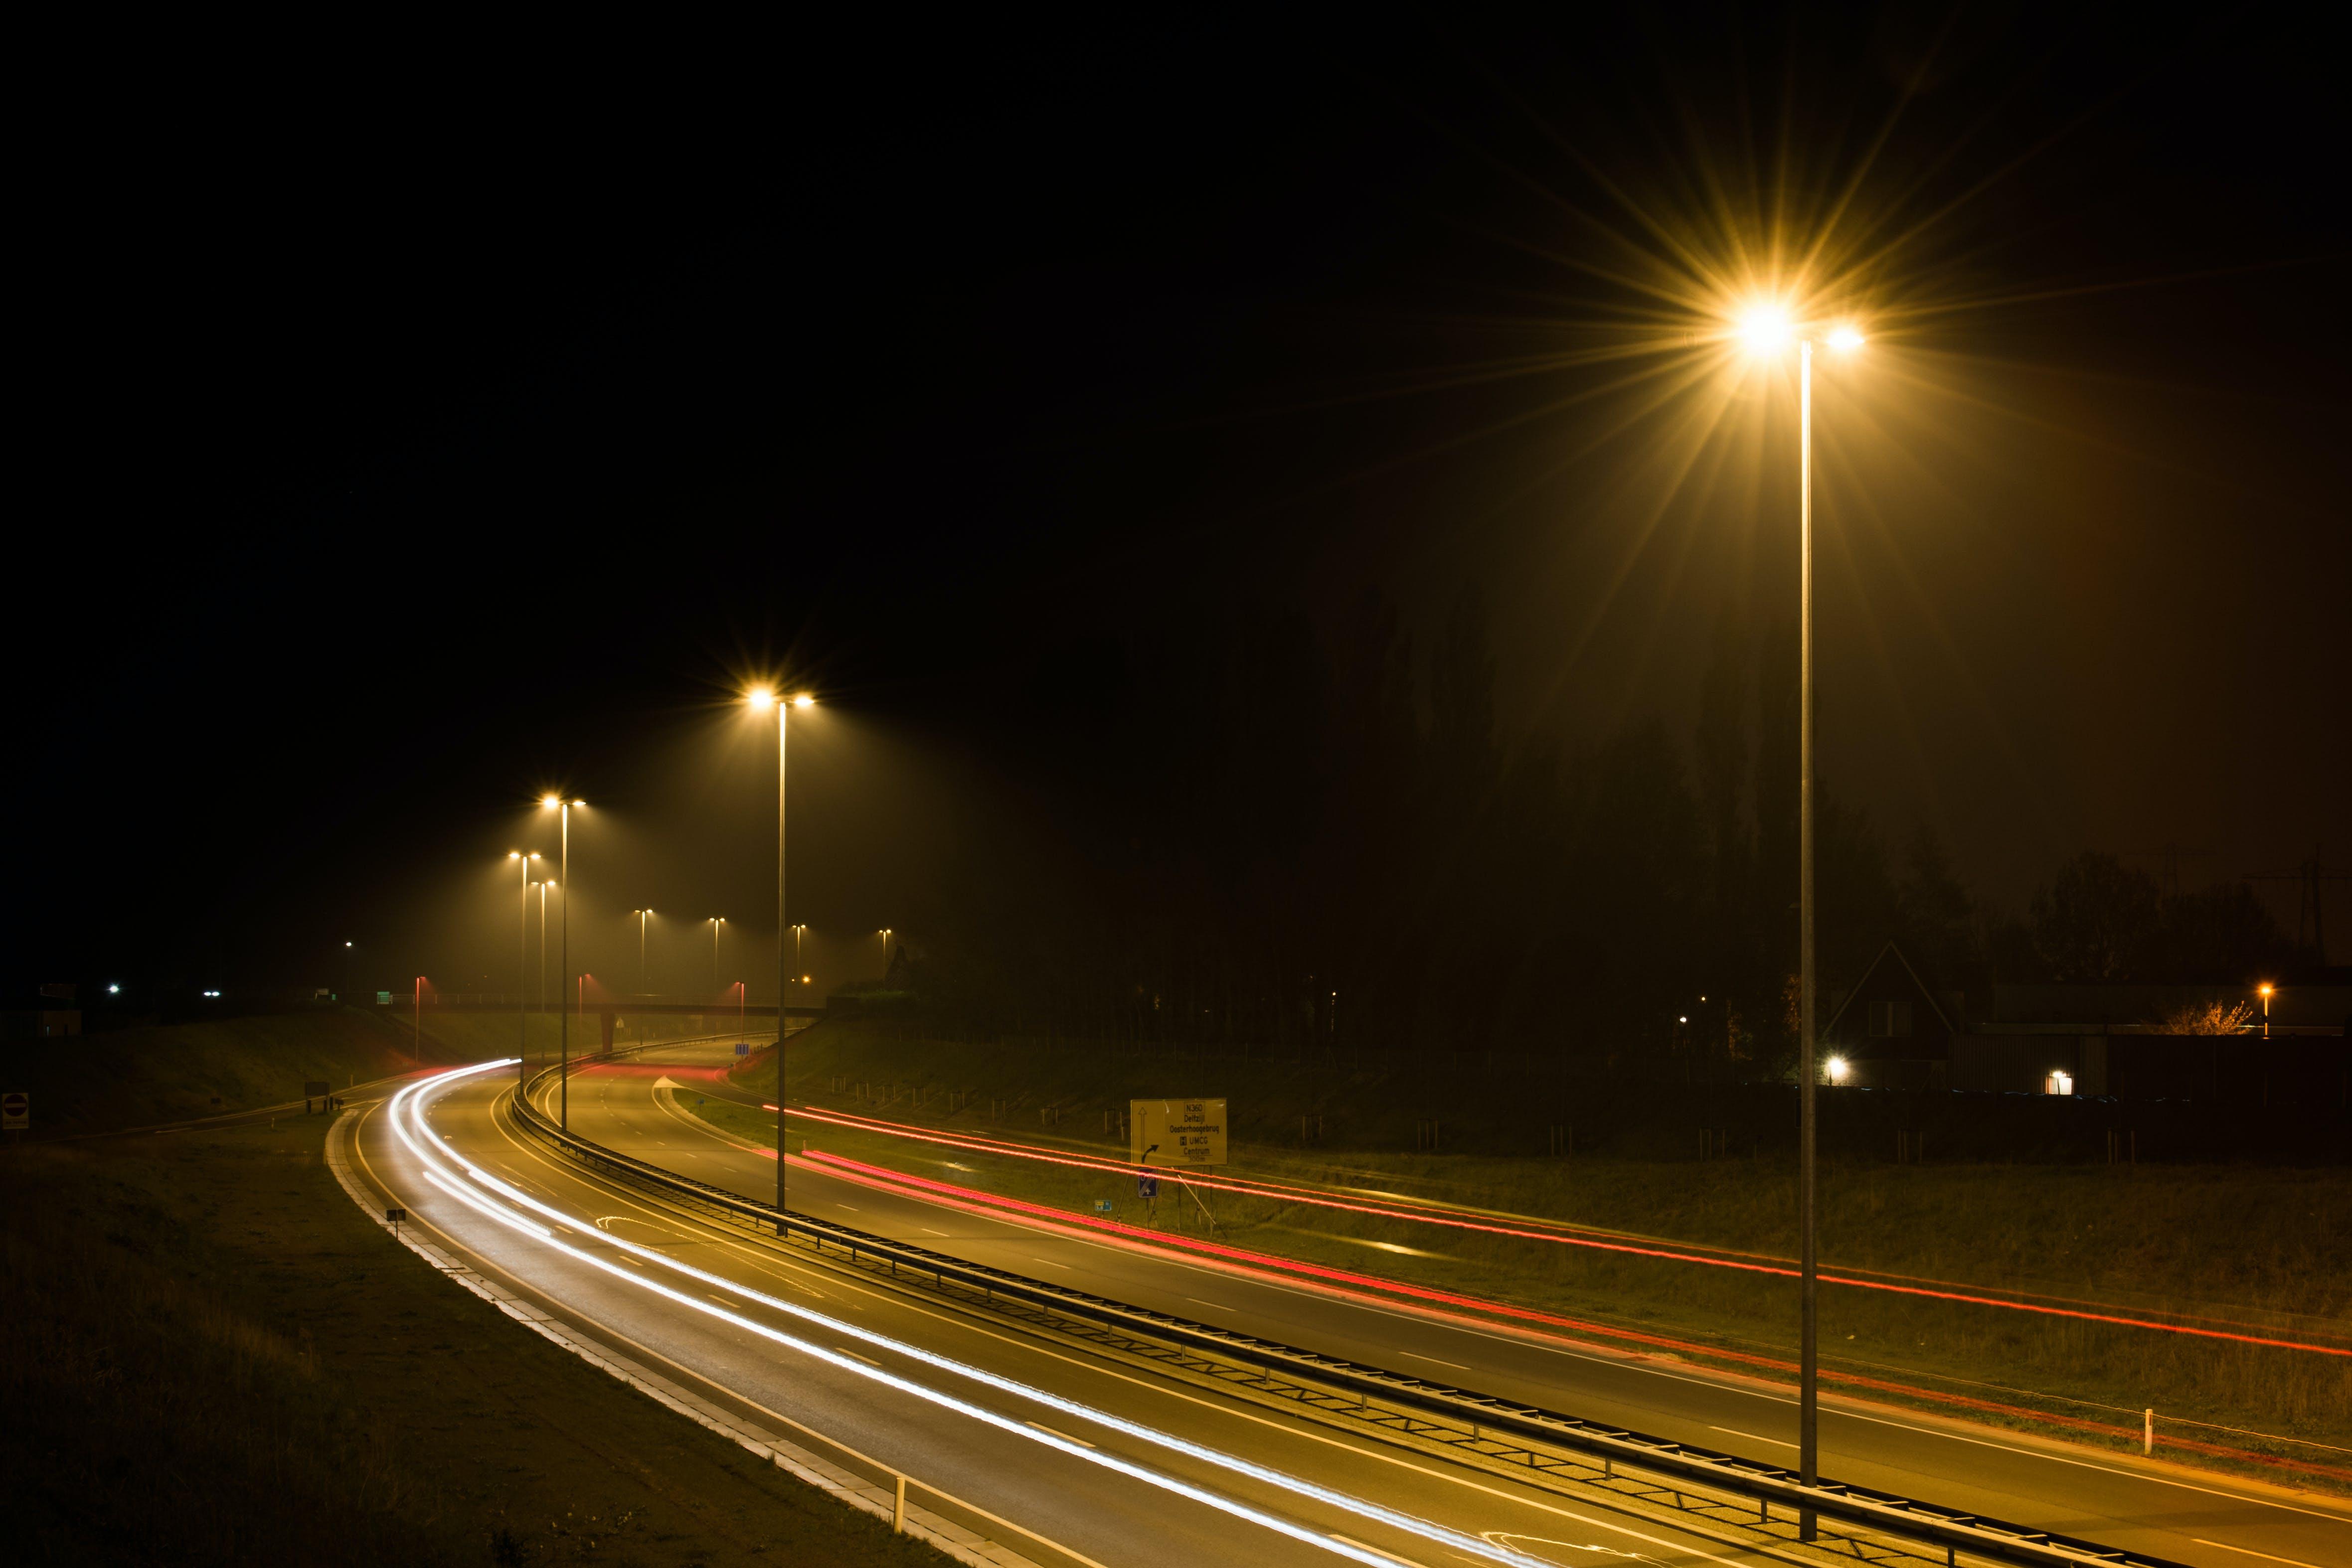 car lights, dark, highway